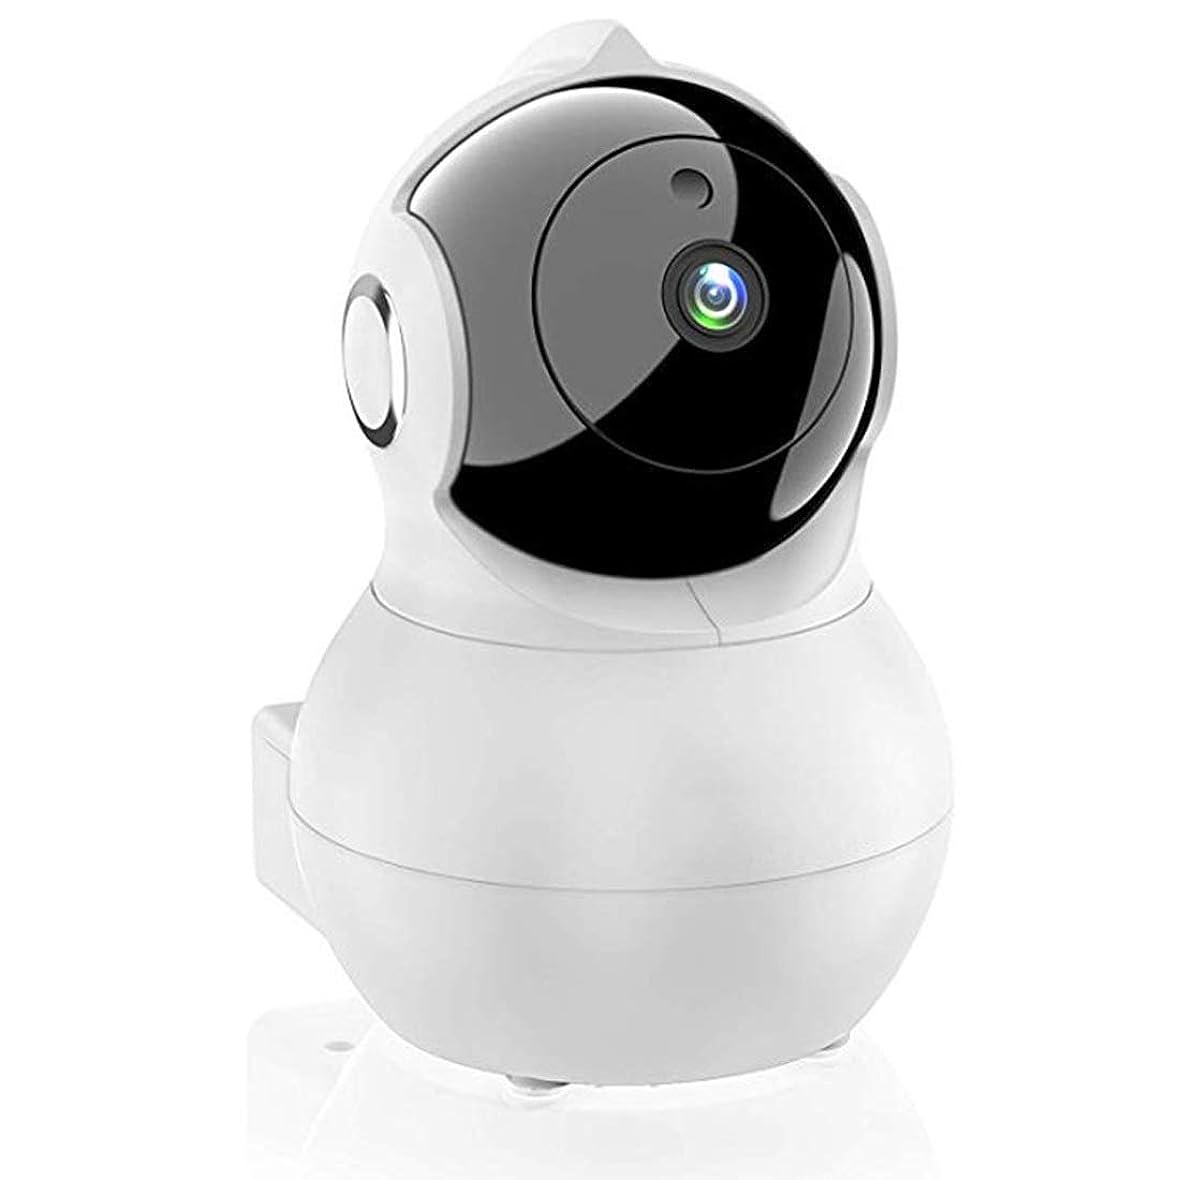 クッションエイズ範囲FELICIAAA ワイヤレスwifi携帯電話リモートウェブカメラモニター家庭用屋内モニタリング